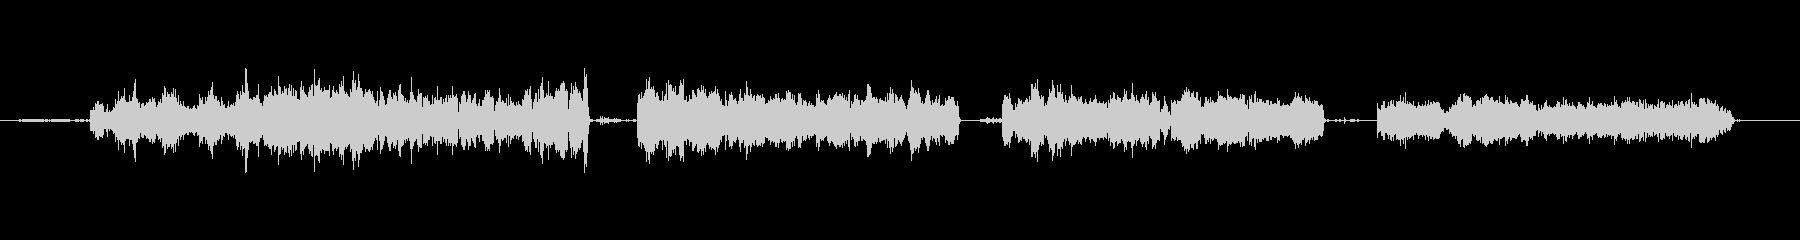 砥石、シャープナイフ、ツール; D...の未再生の波形